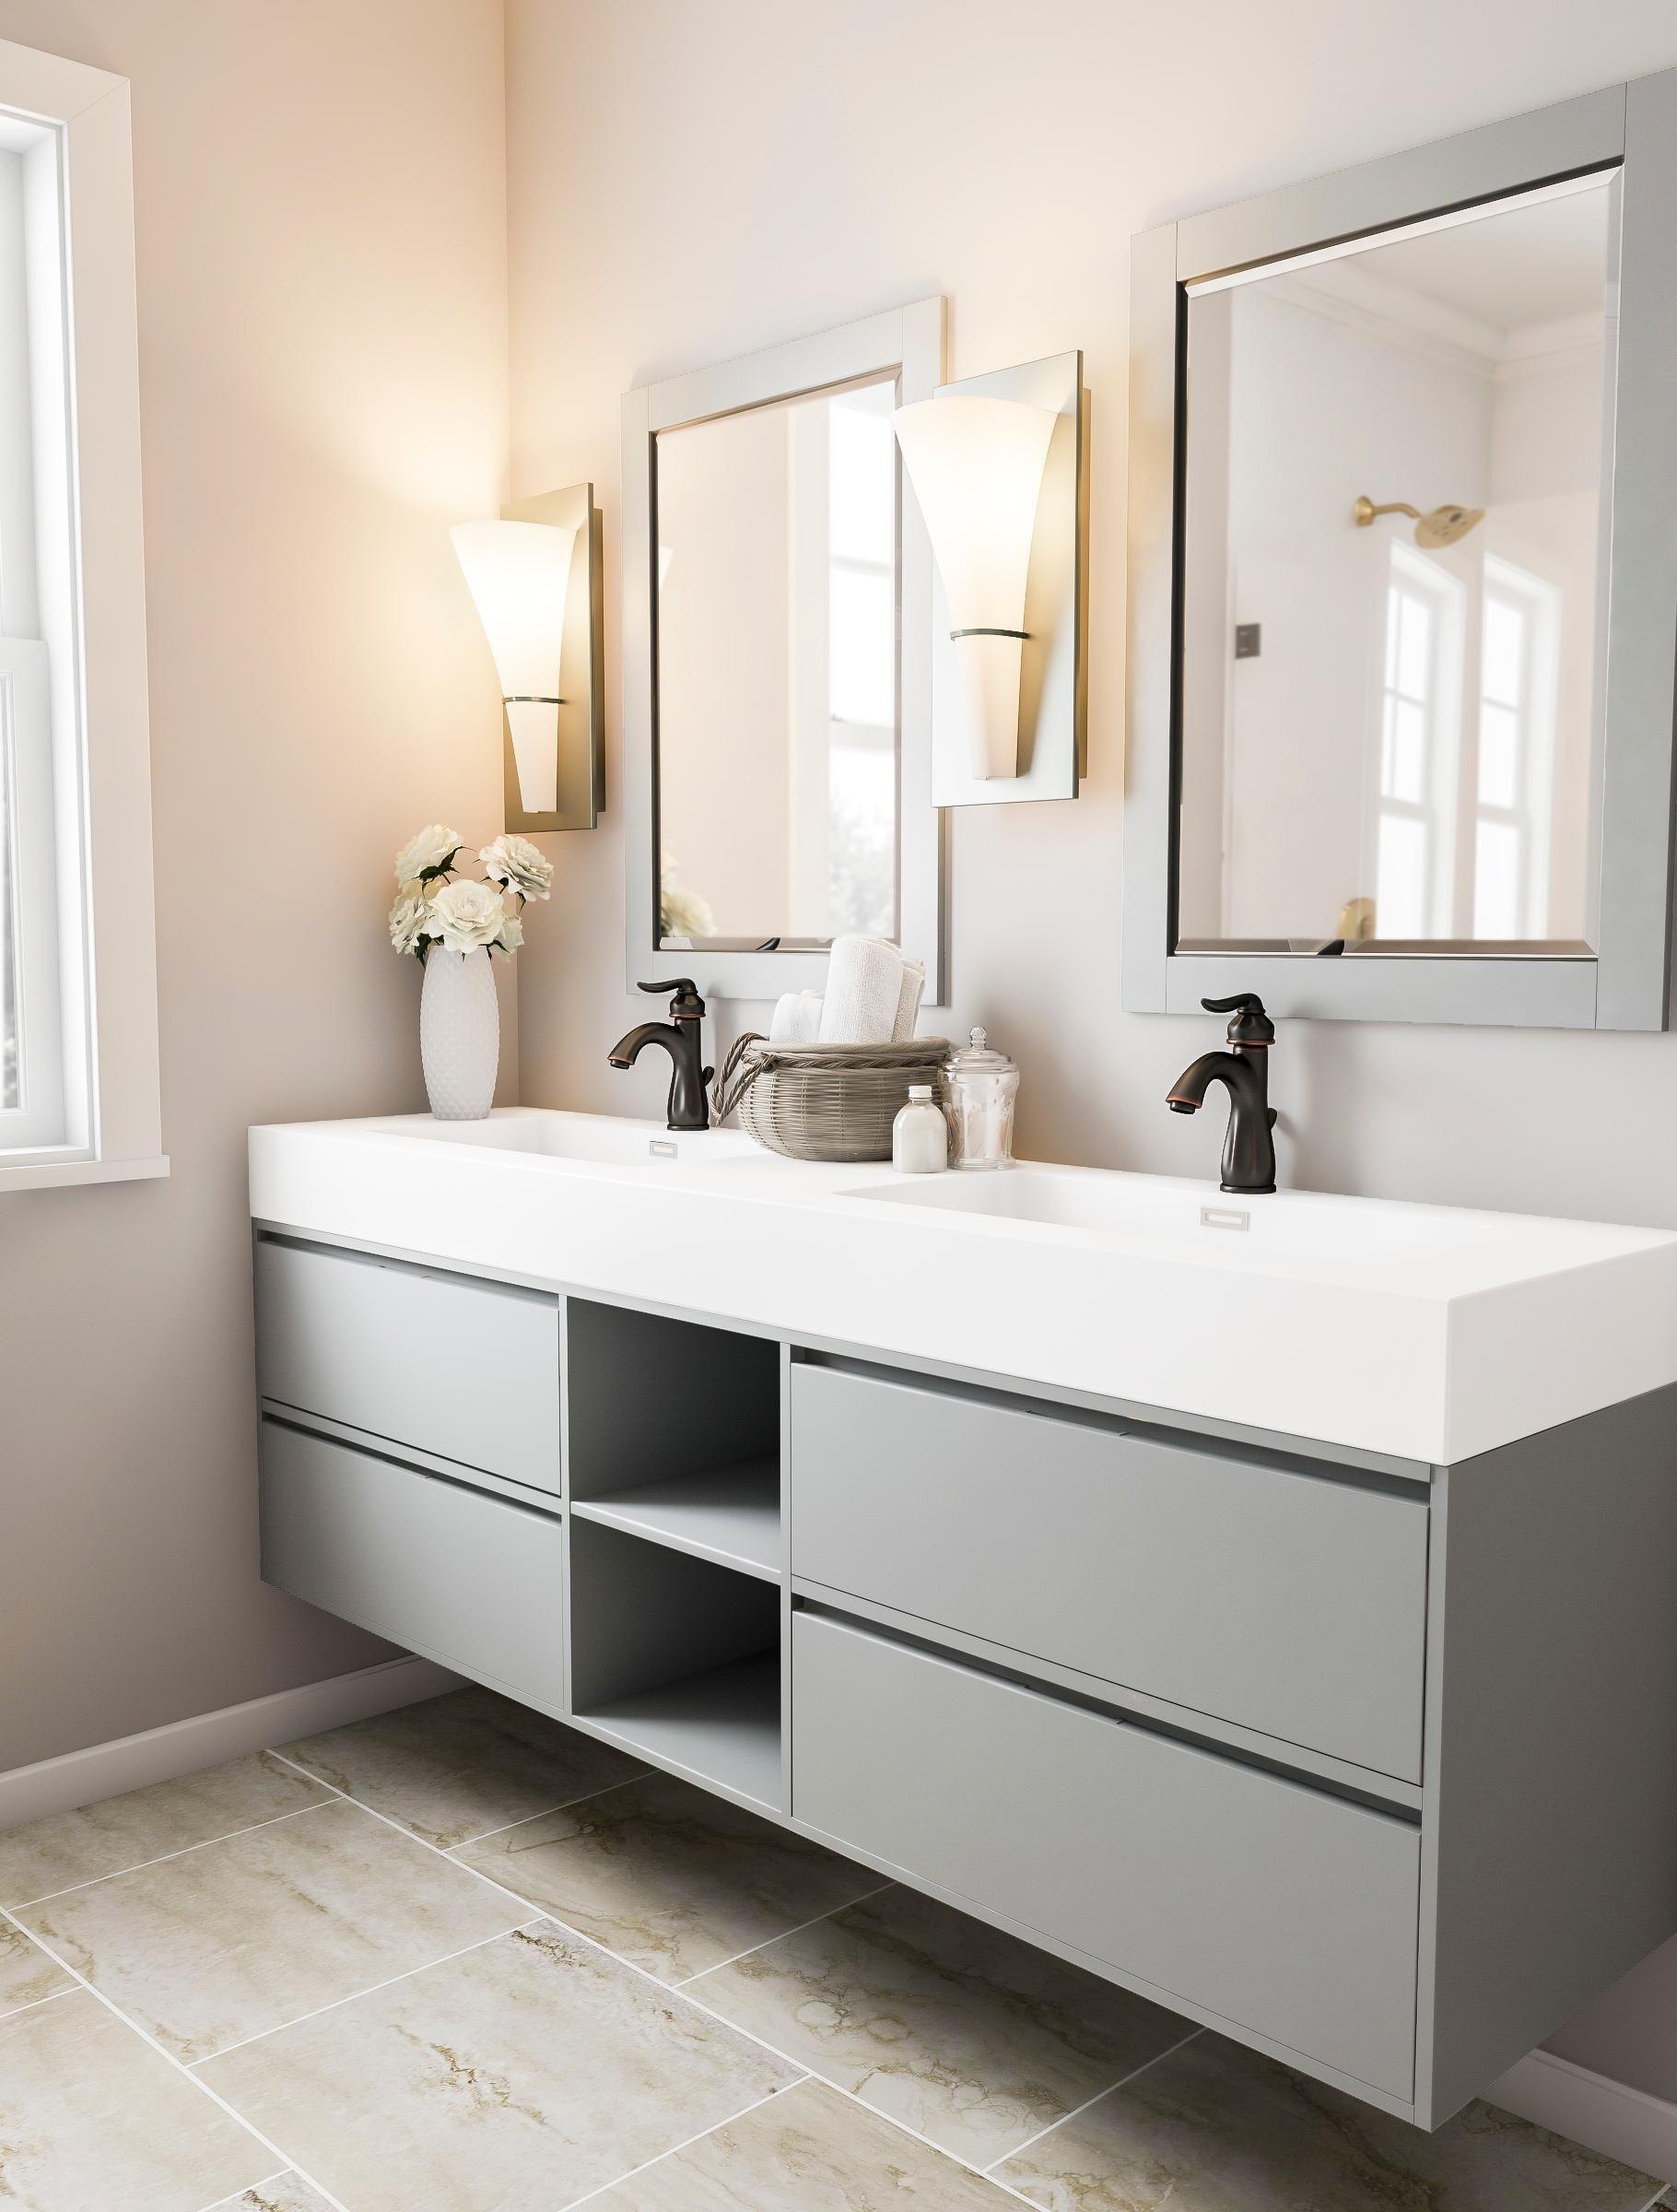 Floating Sage Dual Bathroom Sinks Floating Bathroom Vanity Luxury Bathroom Vanities Open Bathroom [ 2400 x 1820 Pixel ]